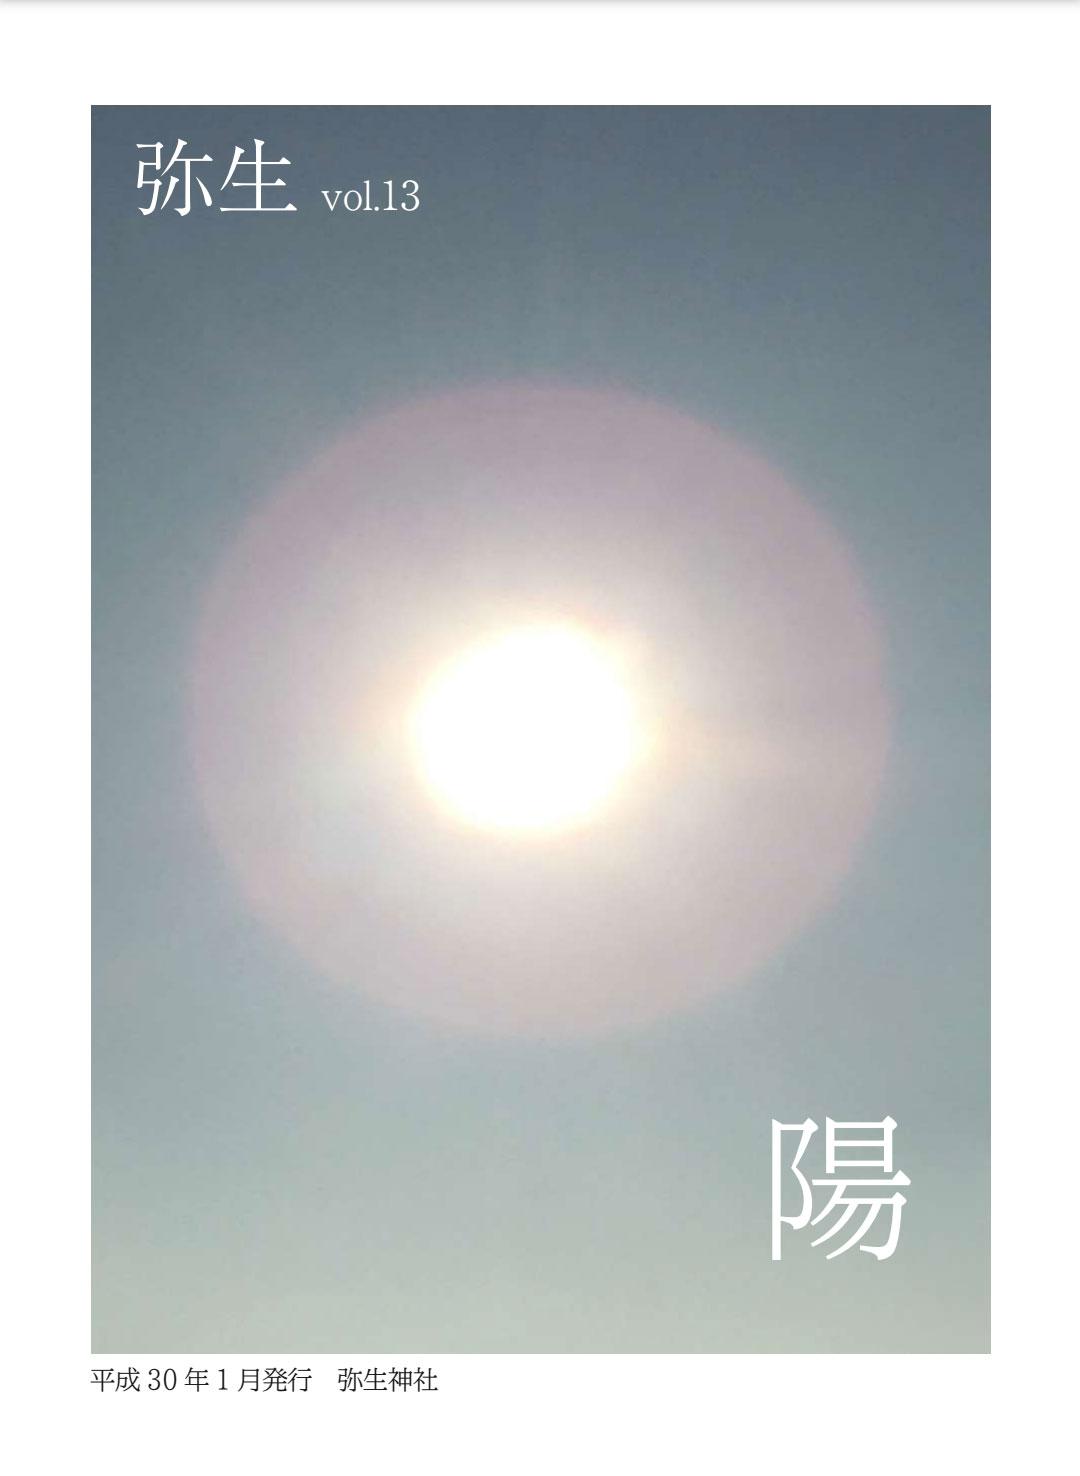 社報「弥生」vol.13